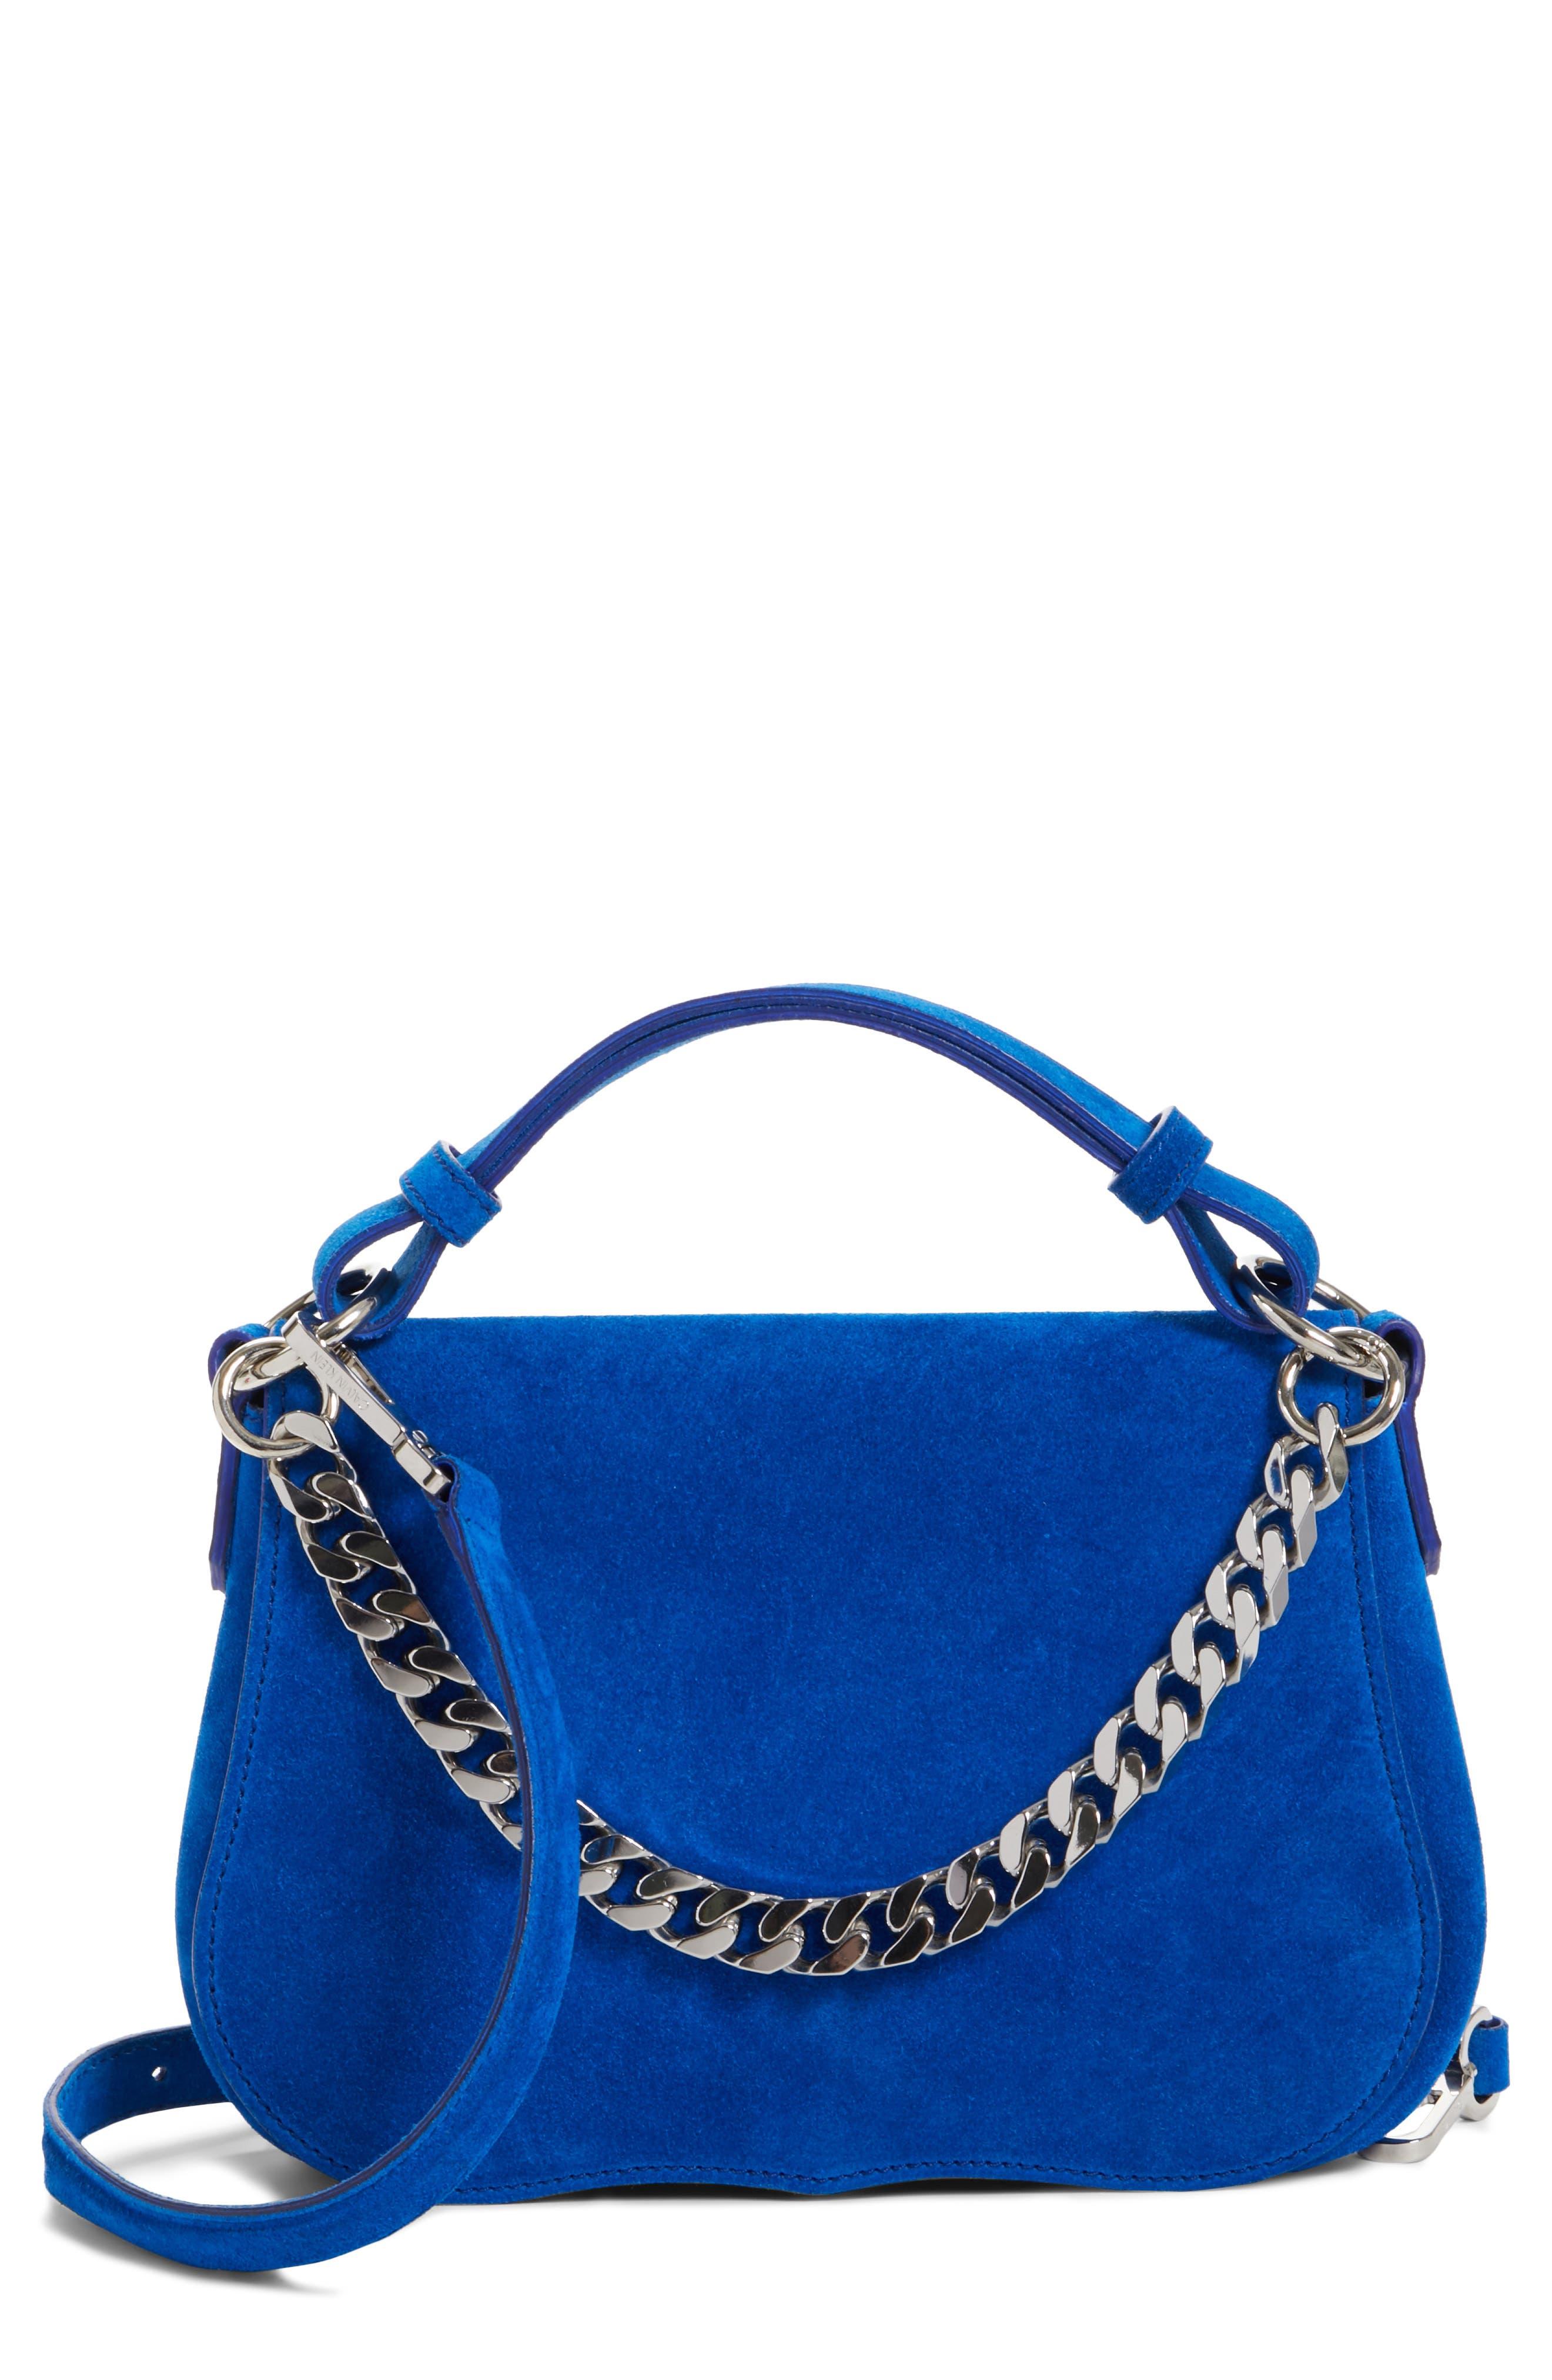 Small Suede Shoulder Bag,                         Main,                         color, Lapis